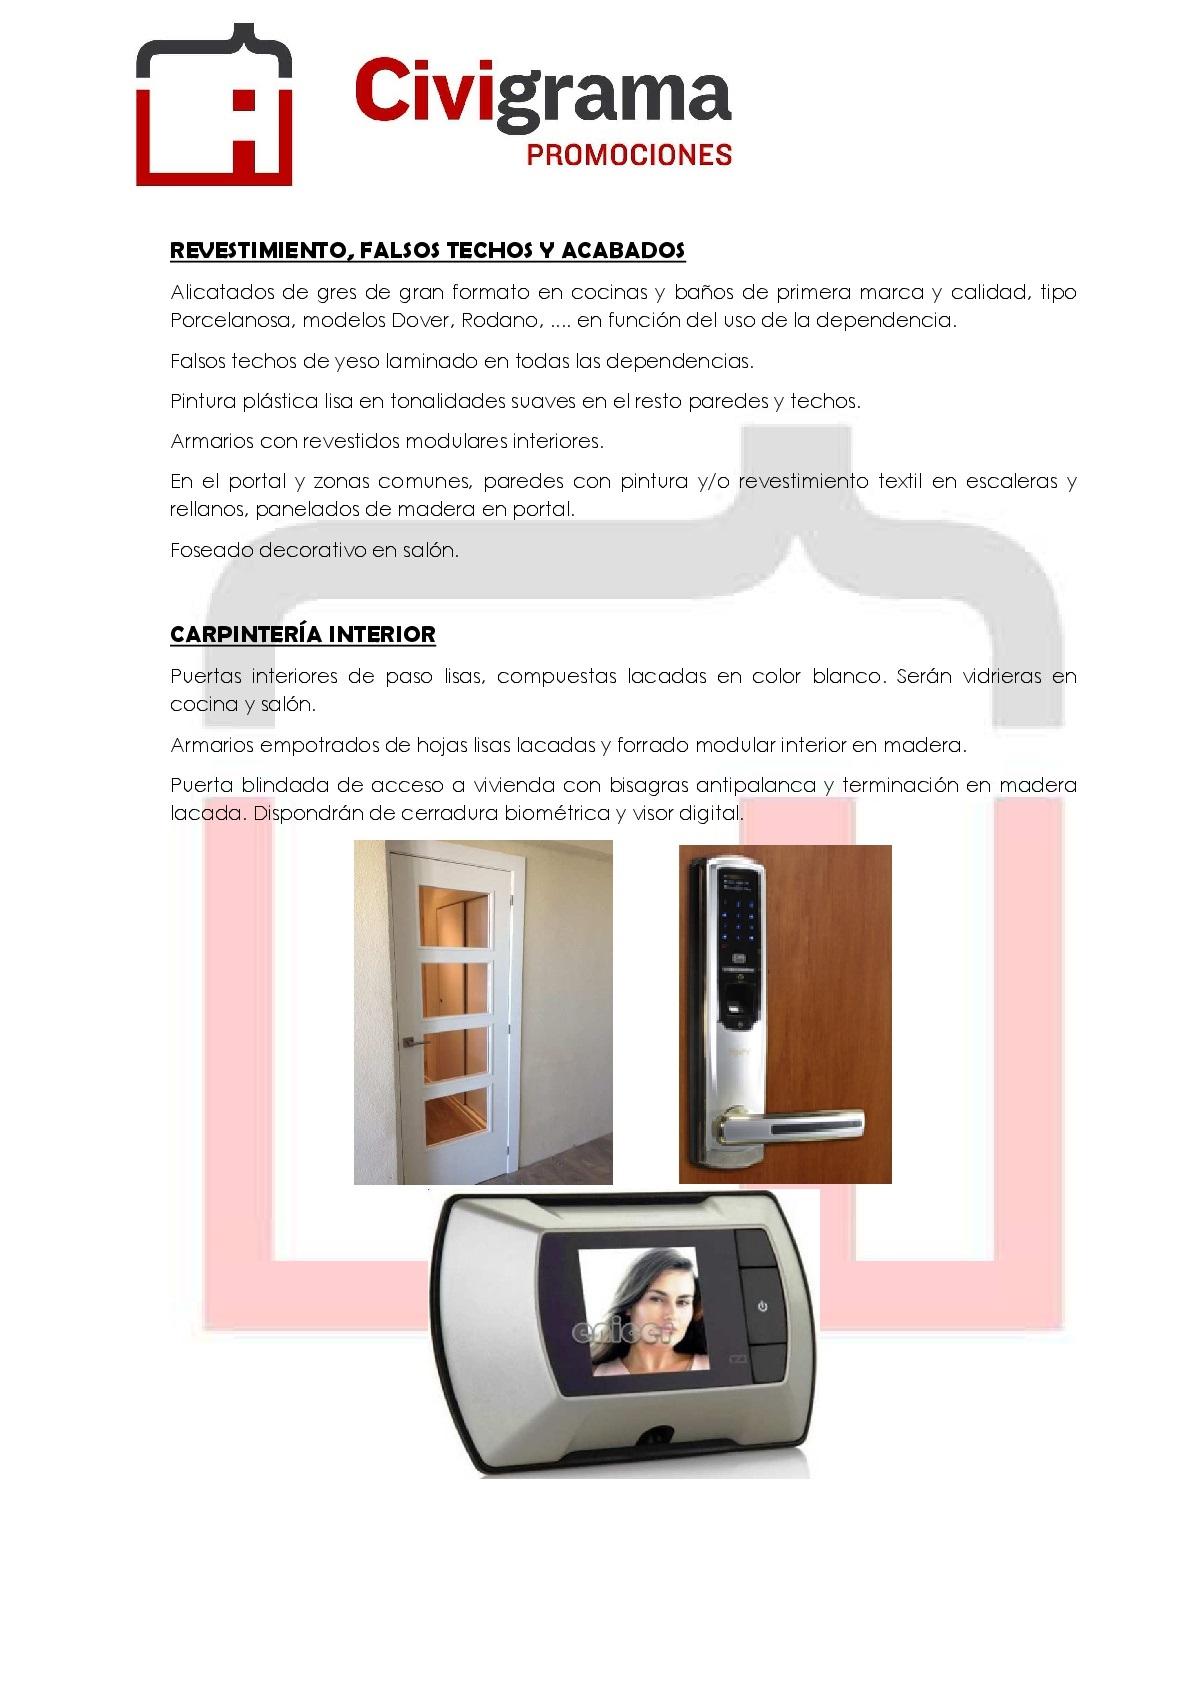 -eu-west-1.amazonaws.com/mobilia/Portals/inmoatrio/Images/3757/2217360